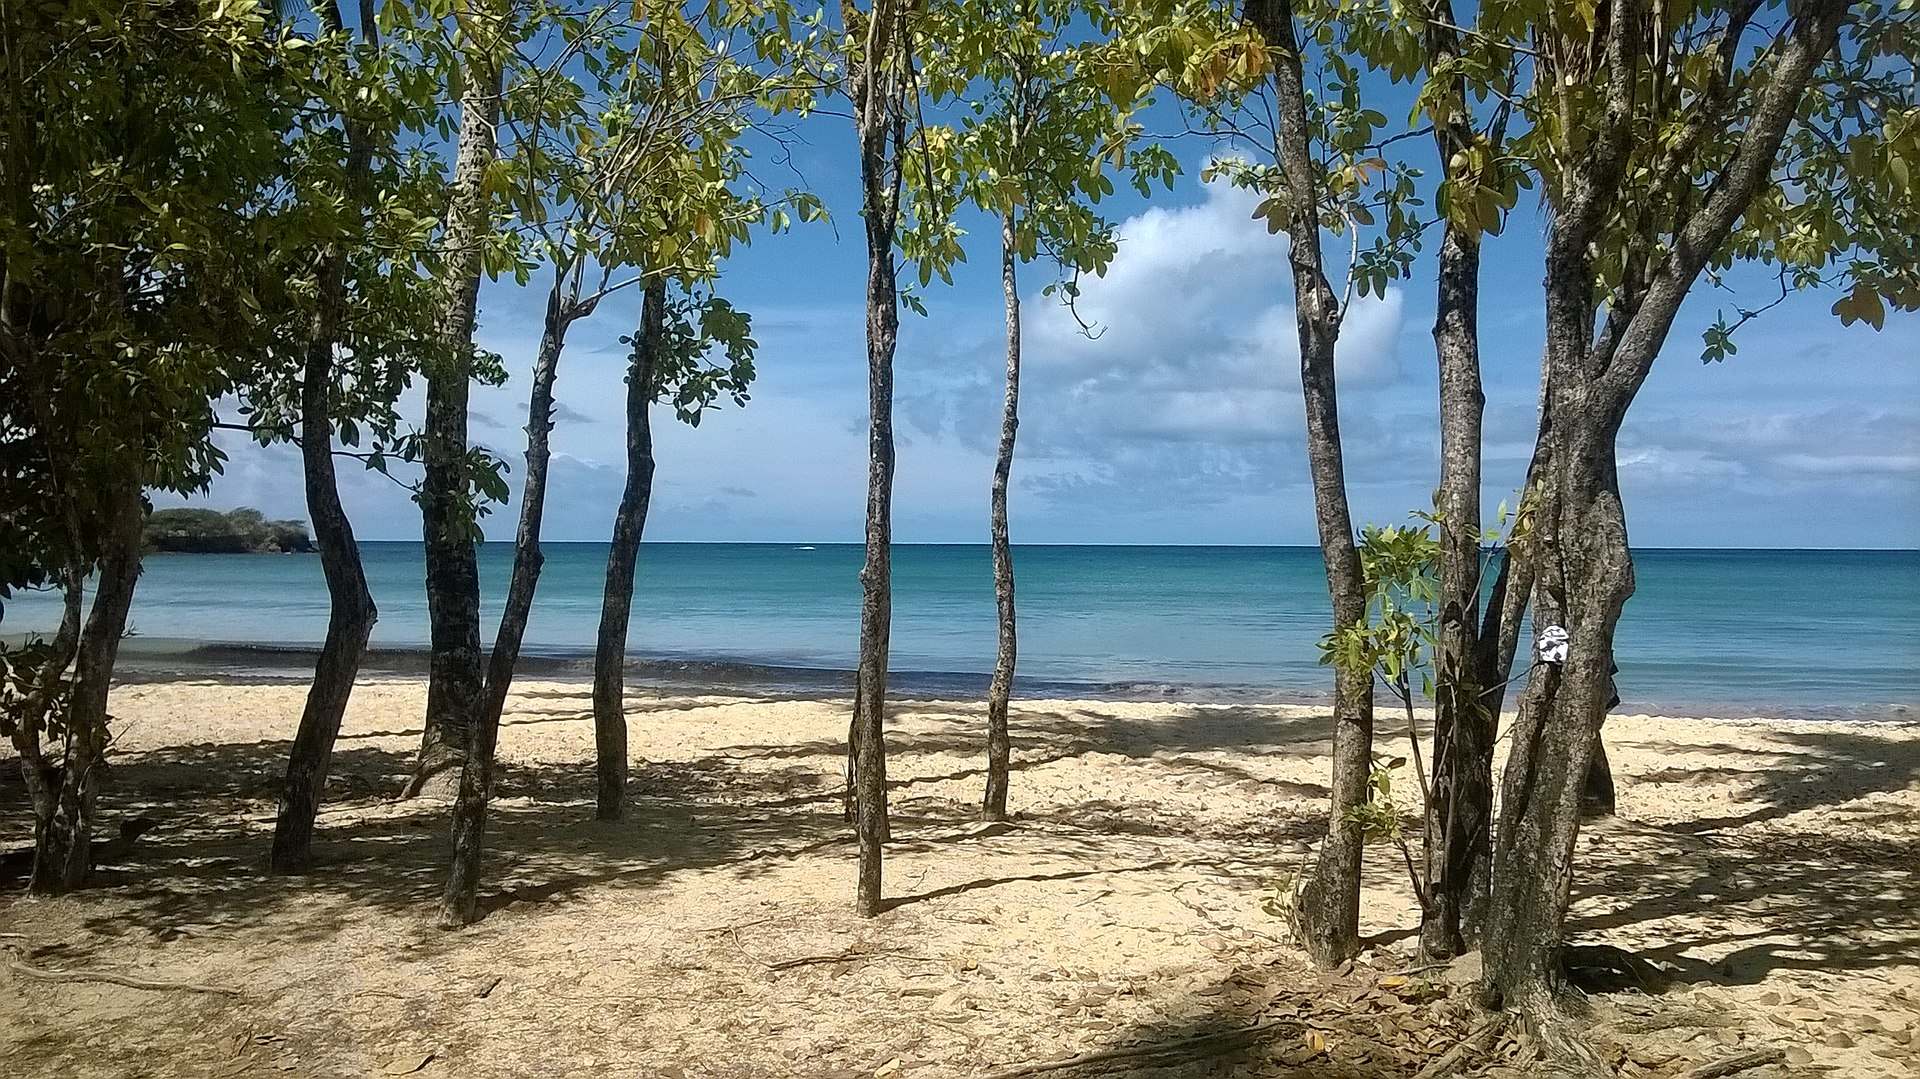 plage cocotiers île paradisiaque